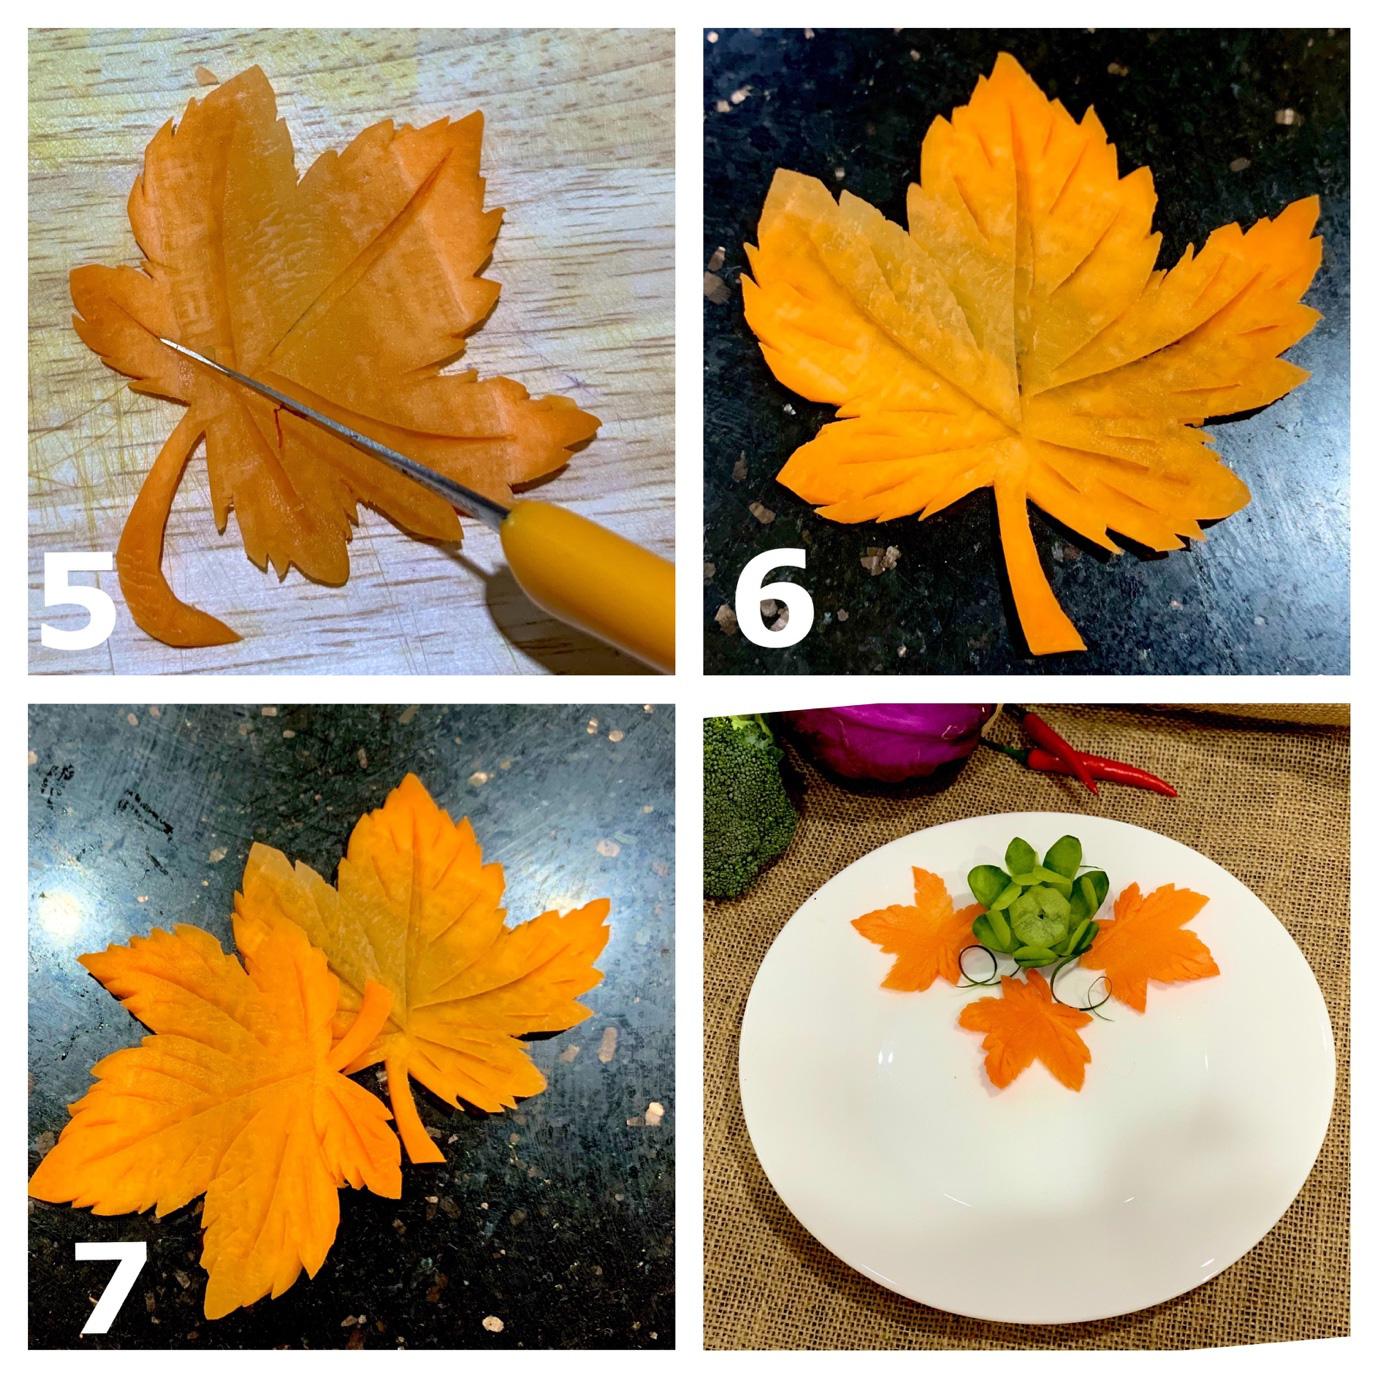 Học ngay cách cắt tỉa cà rốt thành lá phong trang trí đĩa ăn thật đẹp và lãng mạn - Ảnh 5